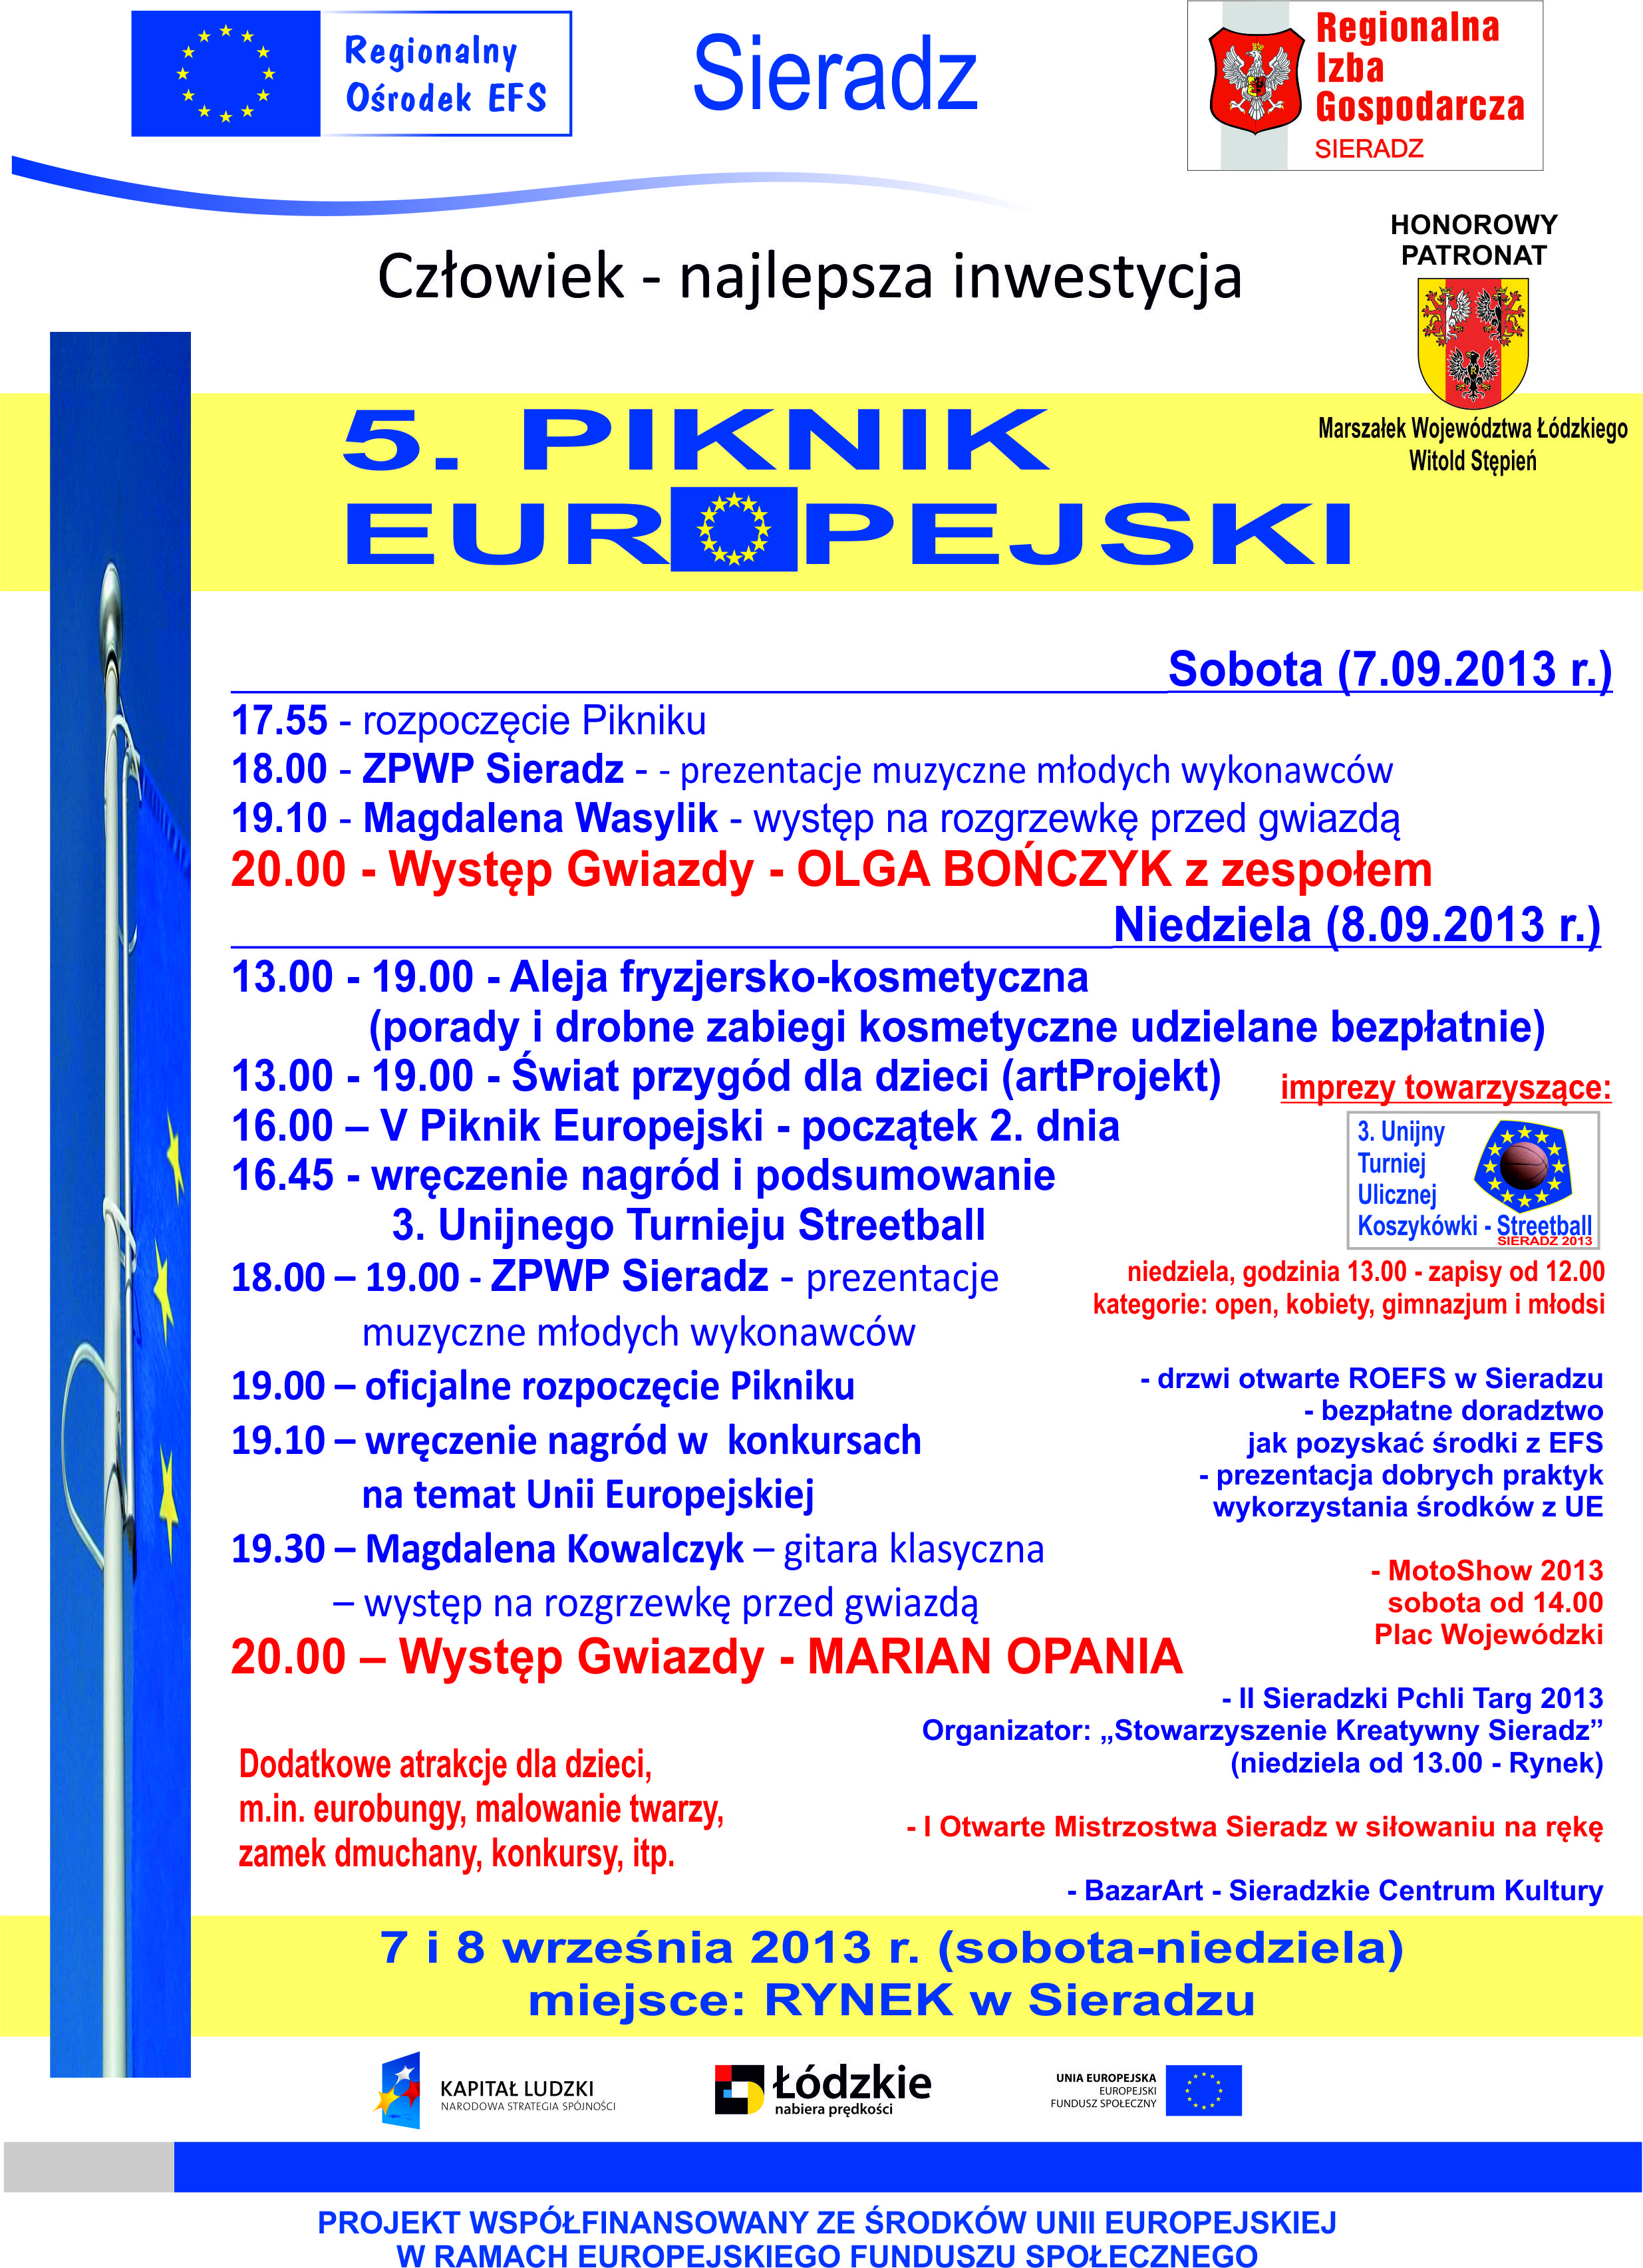 V Piknik Europejski plakat